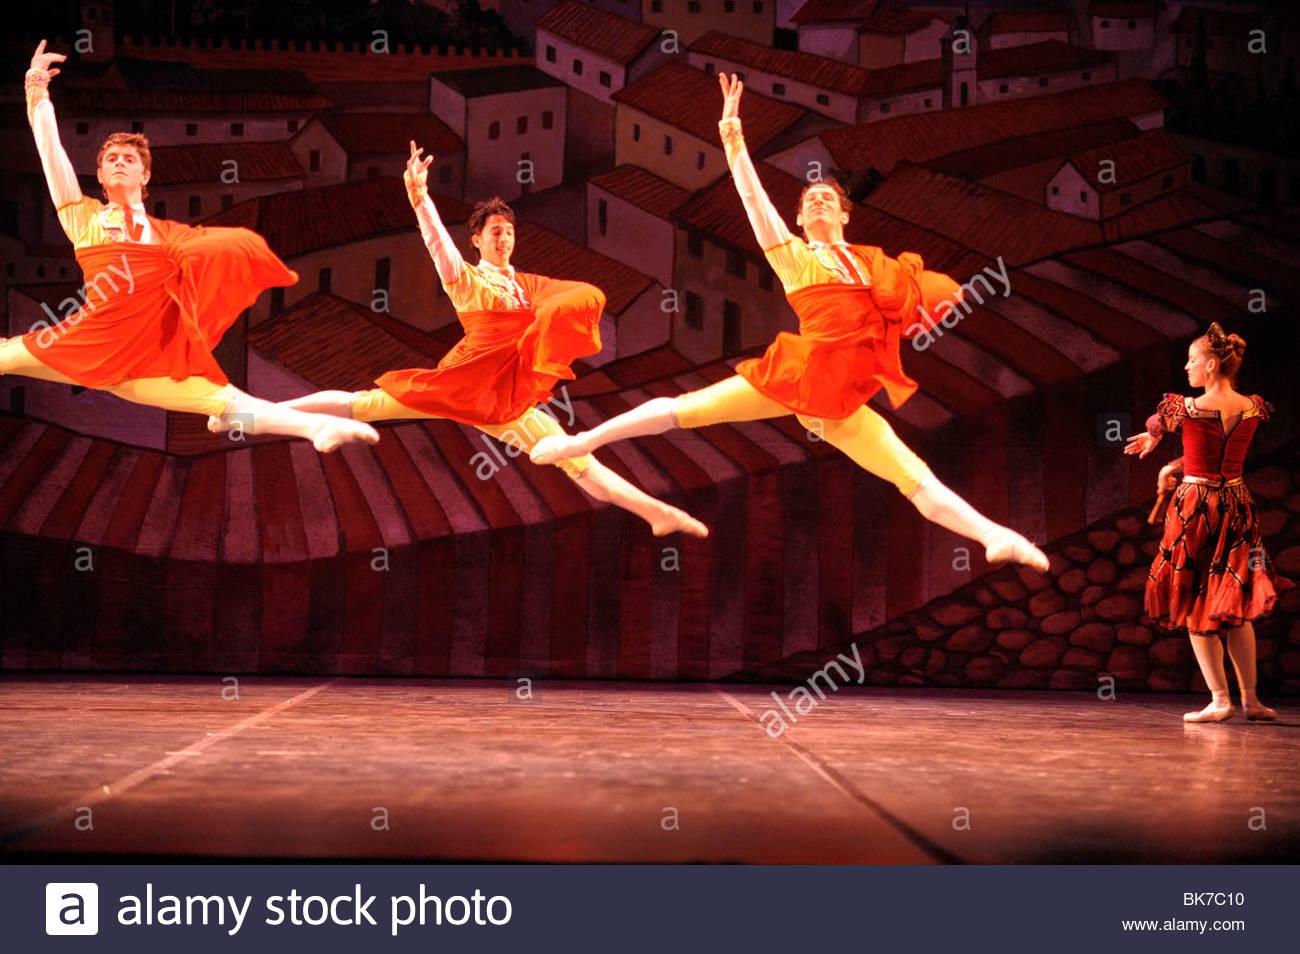 Magia de la danza por el Ballet Nacional de Cuba Imagen De Stock